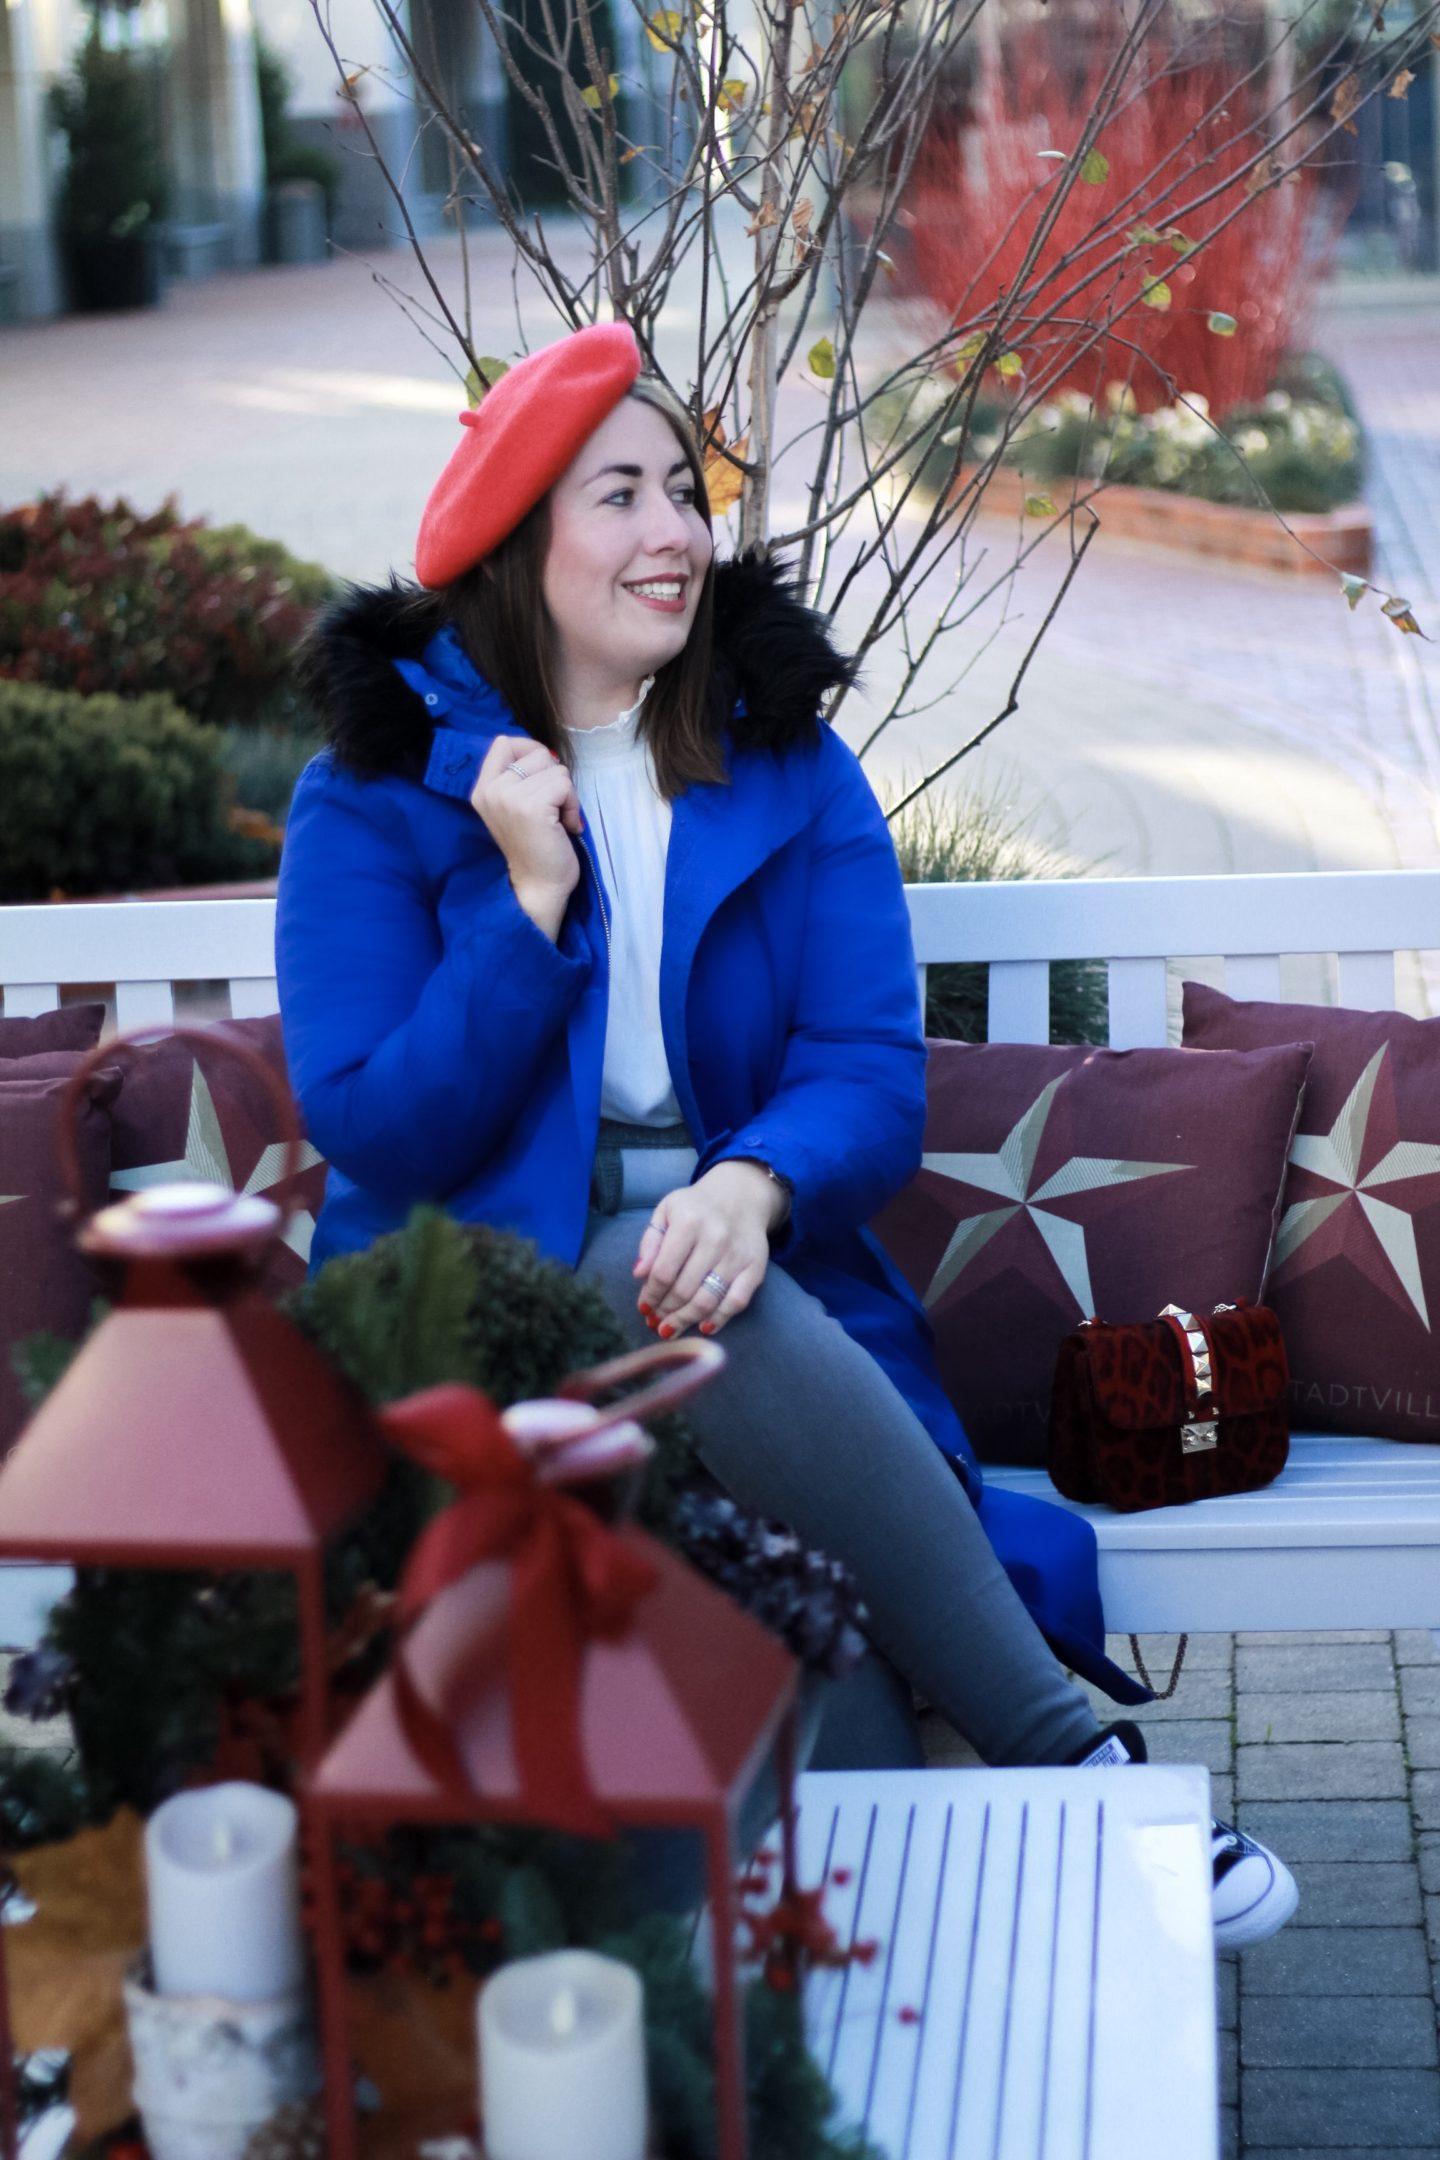 Susanne-Heidebach-Miss-Suzie-Loves-Weihnachtsmarkt-Besuch-Outdoor-Parka-Curvyfashion-Sheego-Baskenmuetze